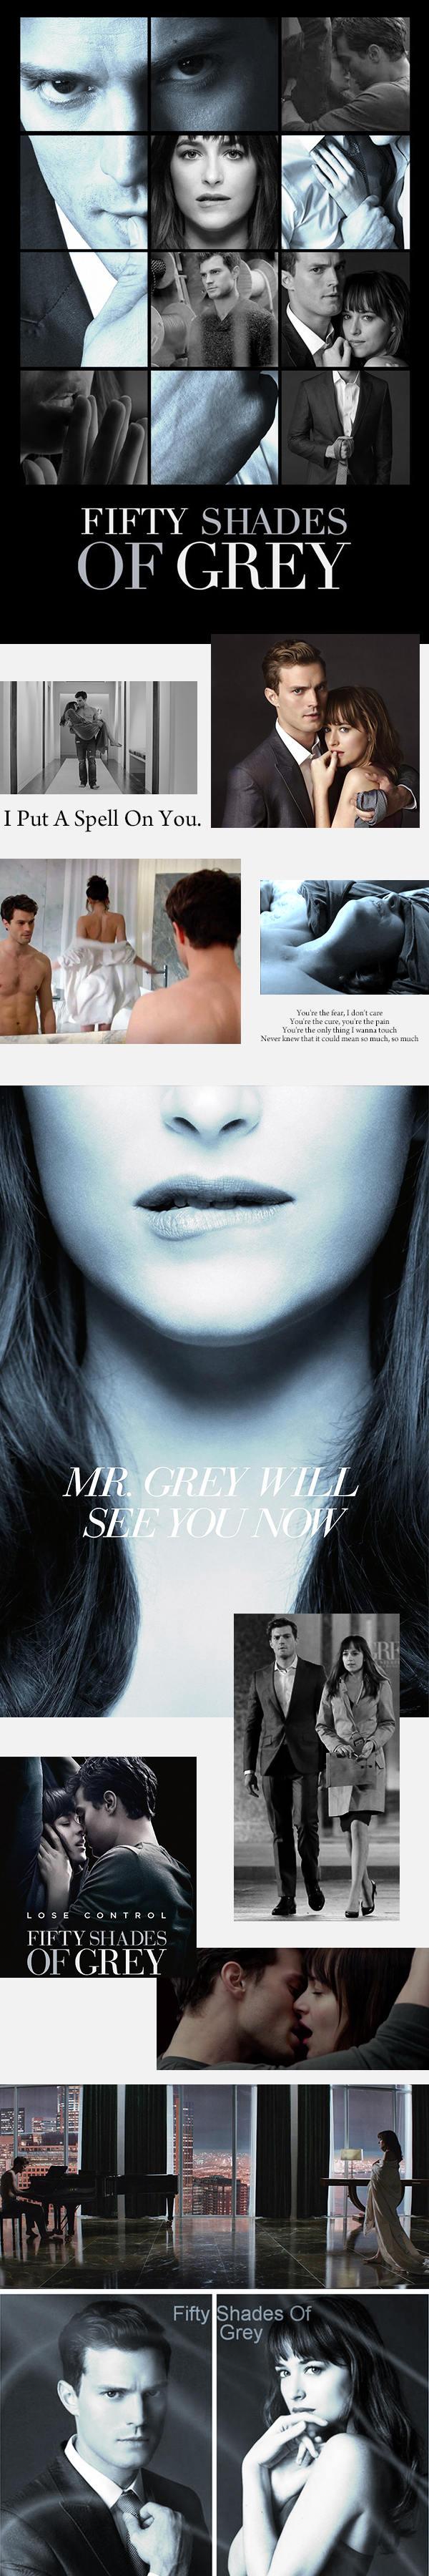 Fifty Shades Of Grey 格雷的五十道陰影 極度渴望 迷你G點震動棒